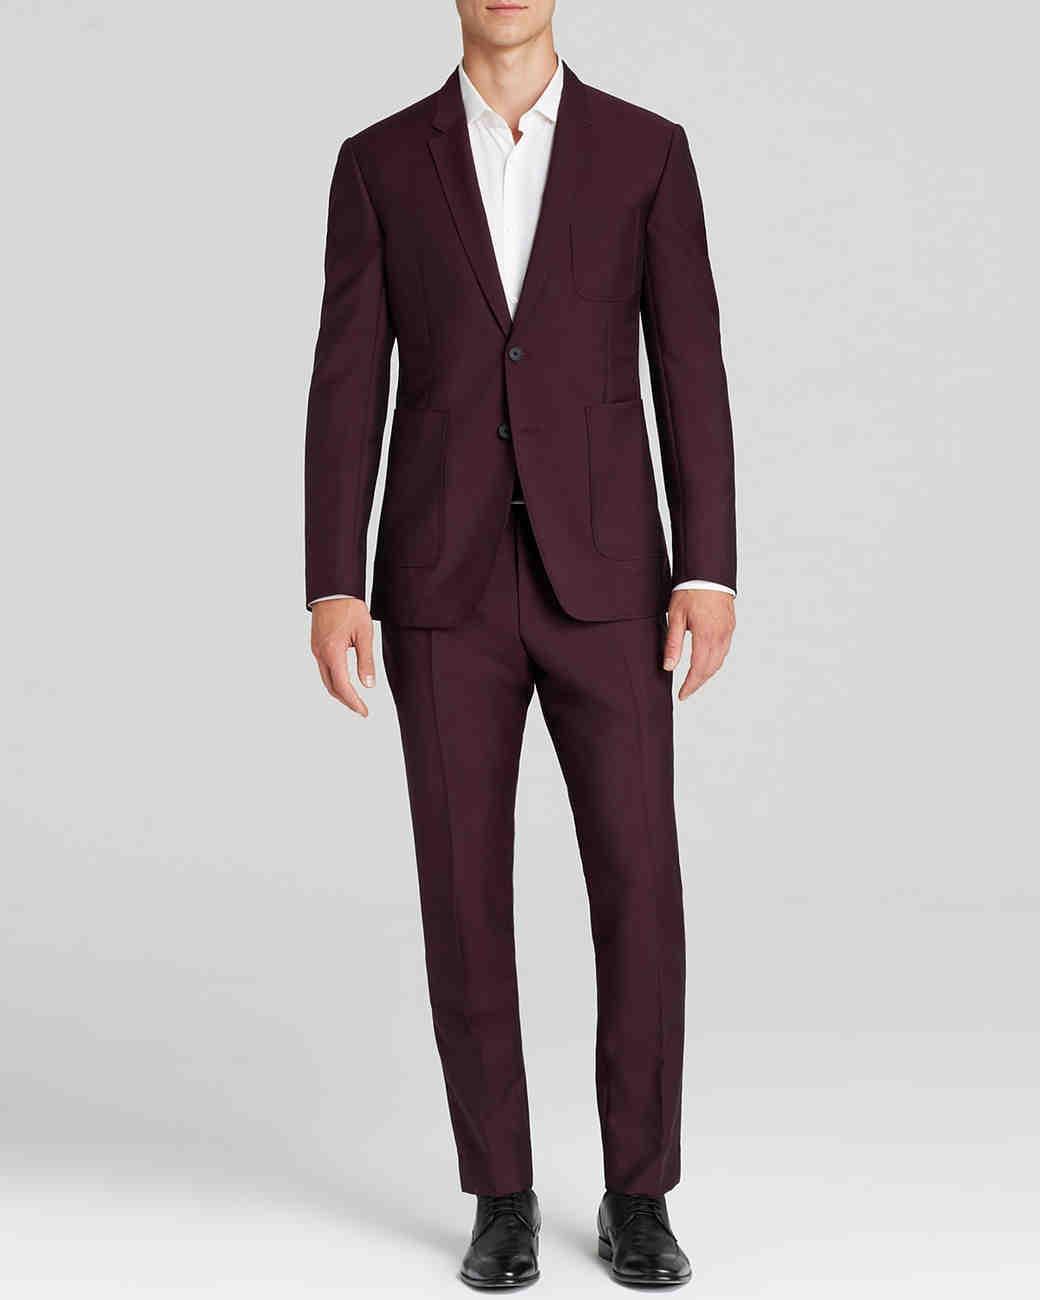 fall-groom-suits-bloomingdales-burberry-1014.jpg